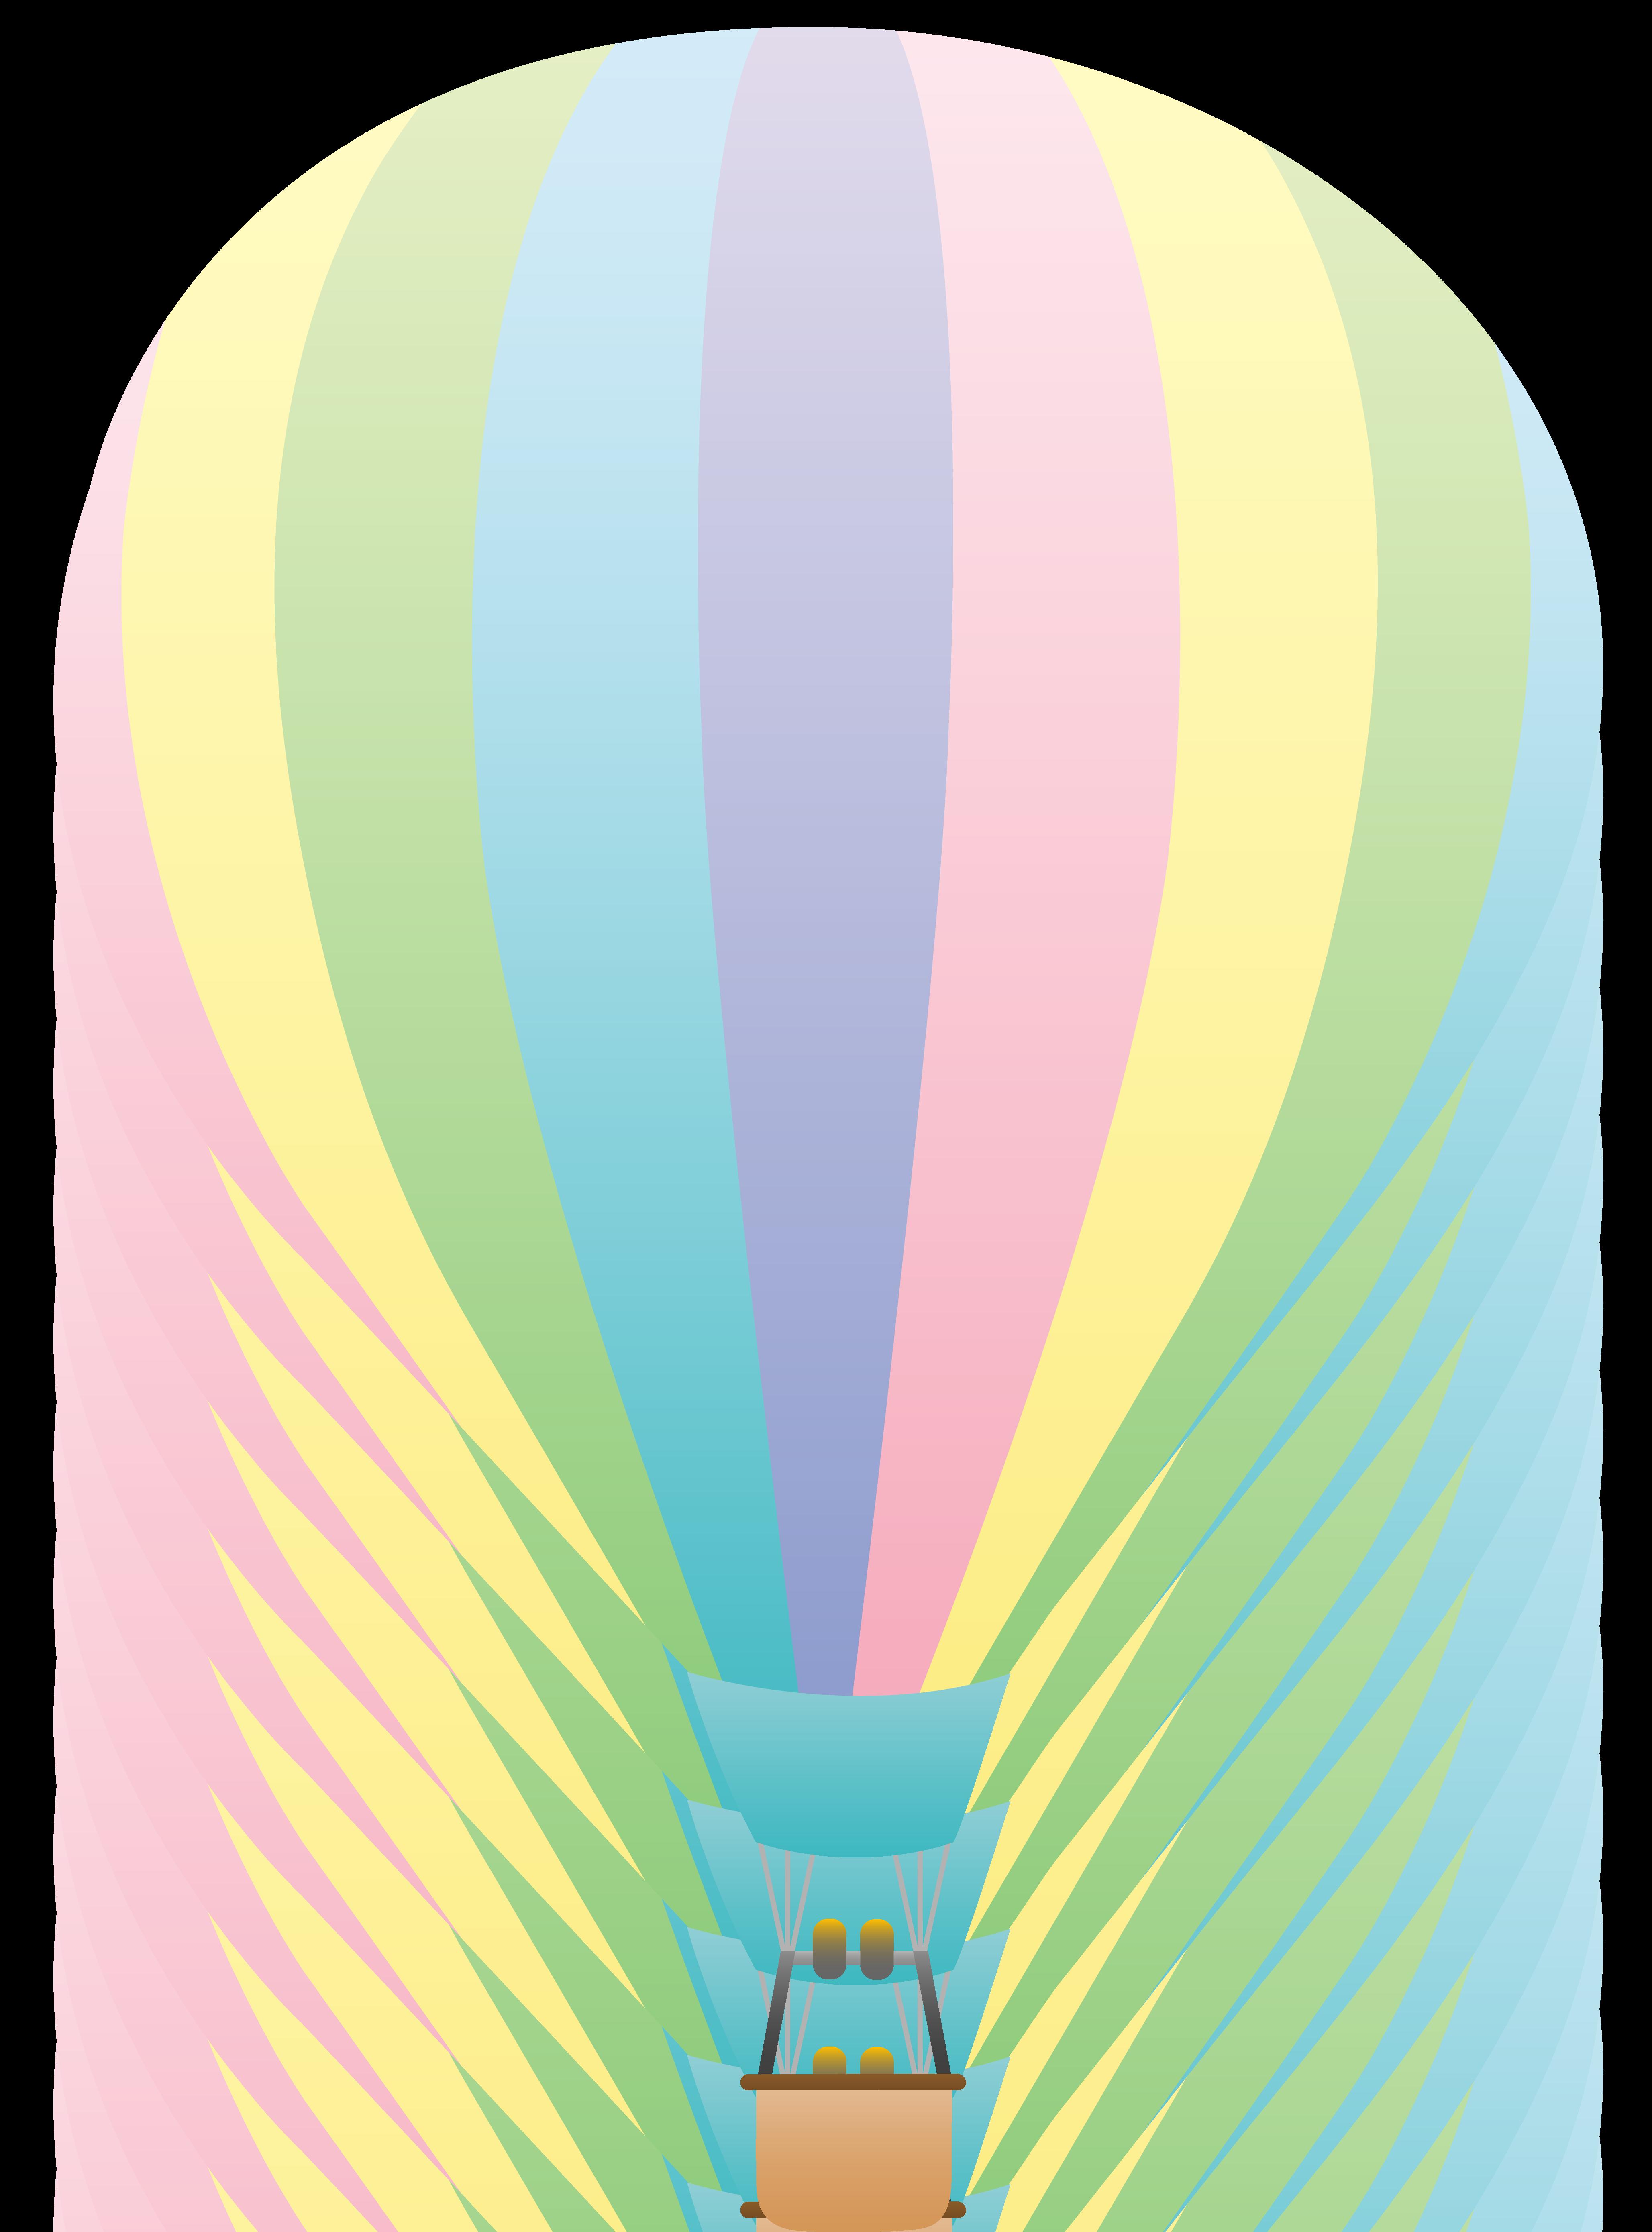 - Hot Air Balloon Clip Art Striped Pastel Colored Hot Air Balloon